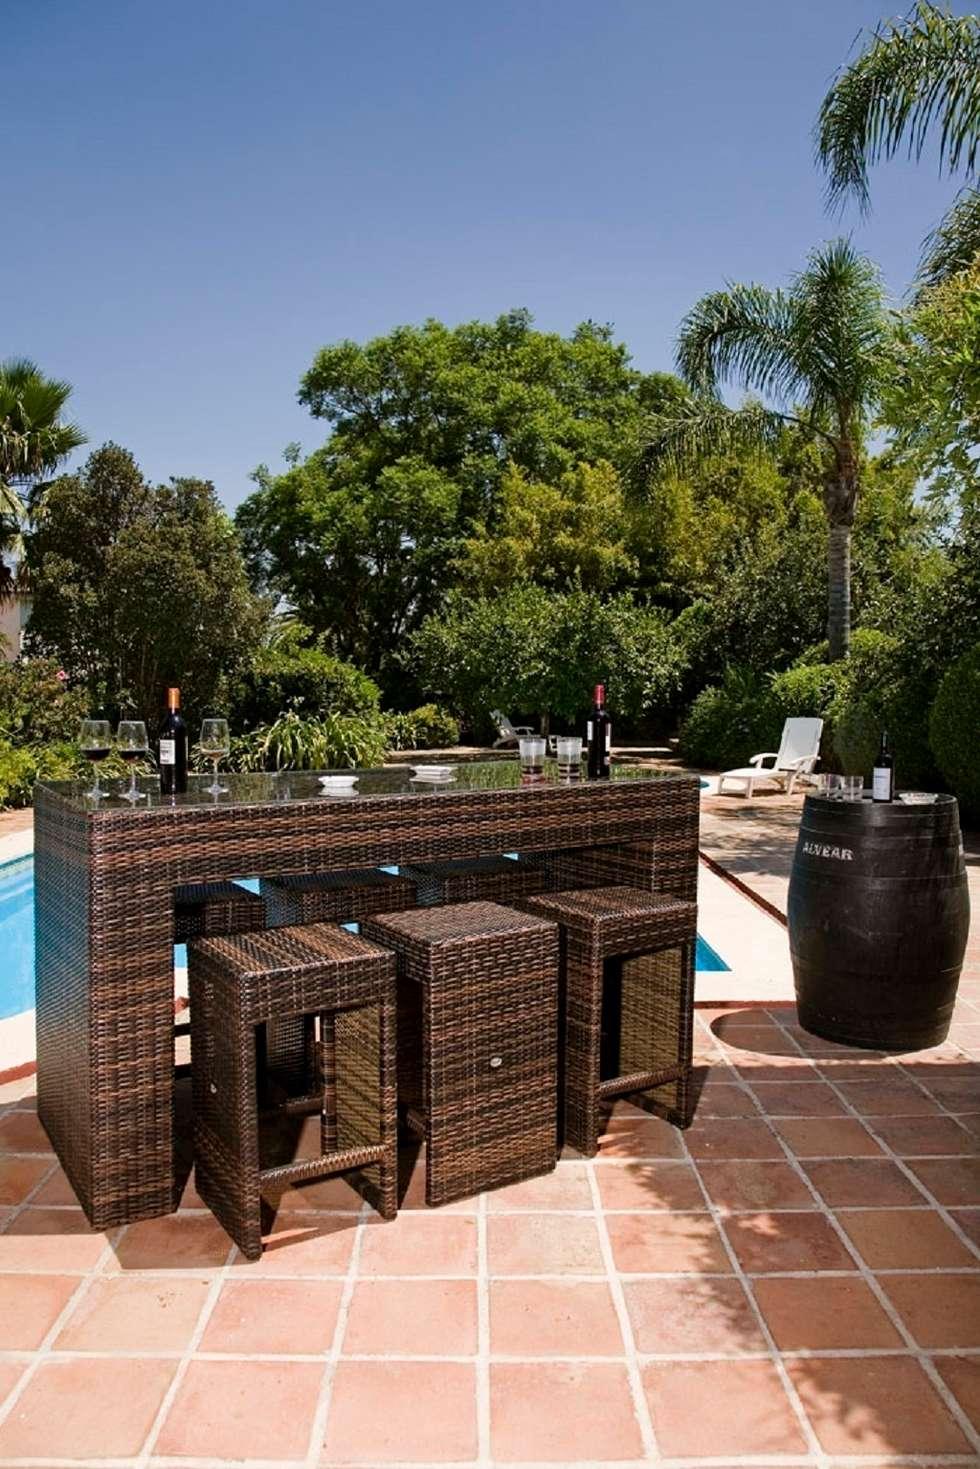 Fotos de decoraci n y dise o de interiores homify for Muebles de terraza y jardin